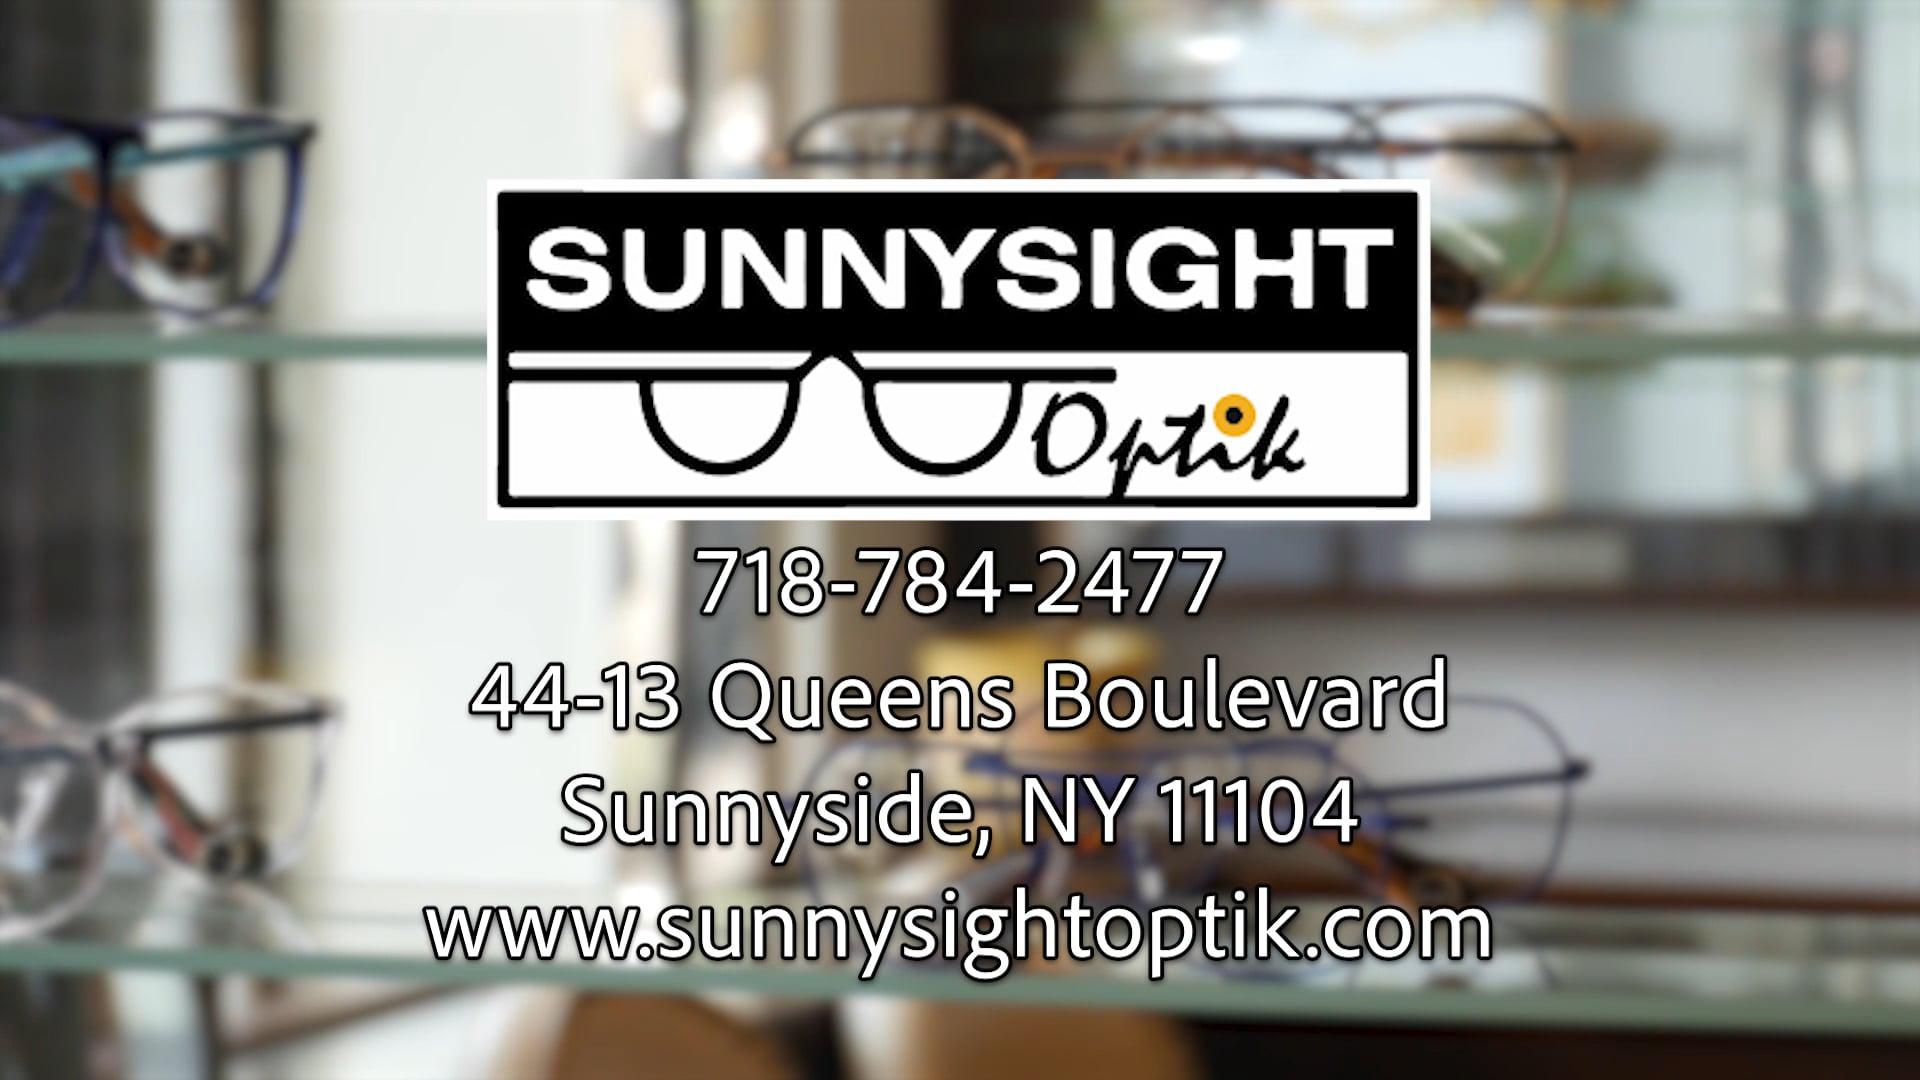 Sunnysight Optik